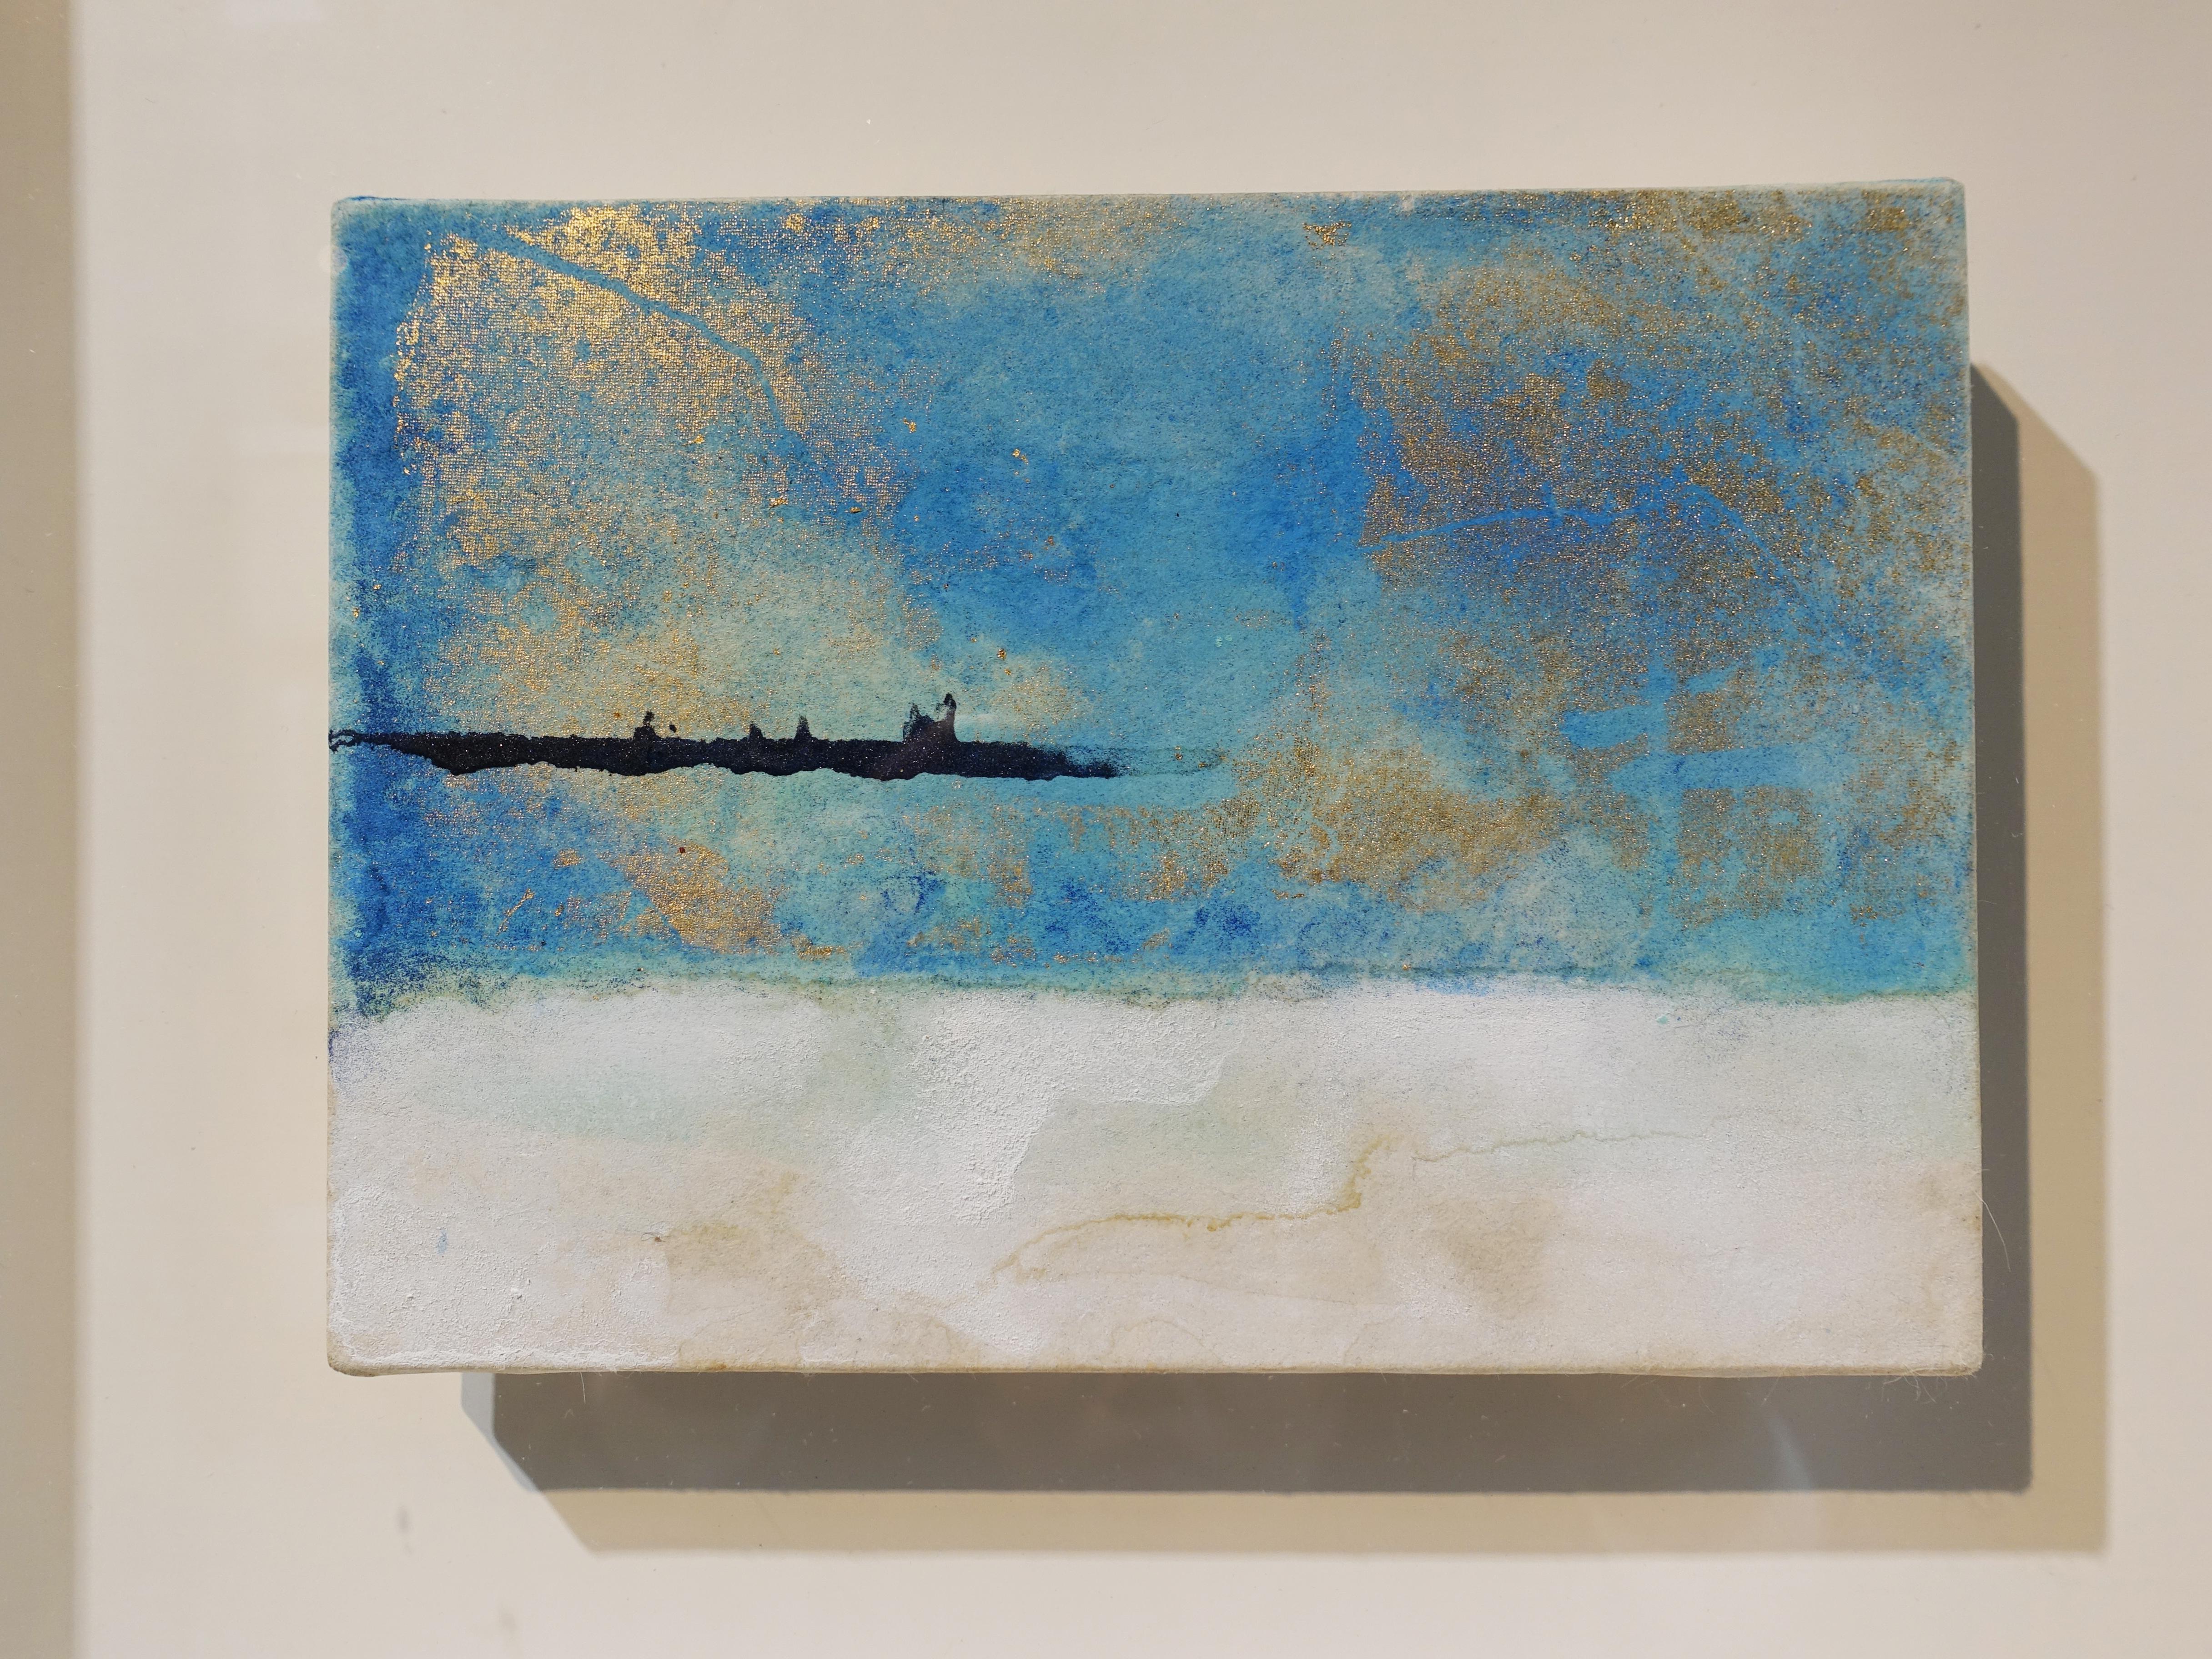 Makoto Fujimura,《無題-1》細節,13 x 18 cm,天然礦物顏料、金、雲肌紙,2017。